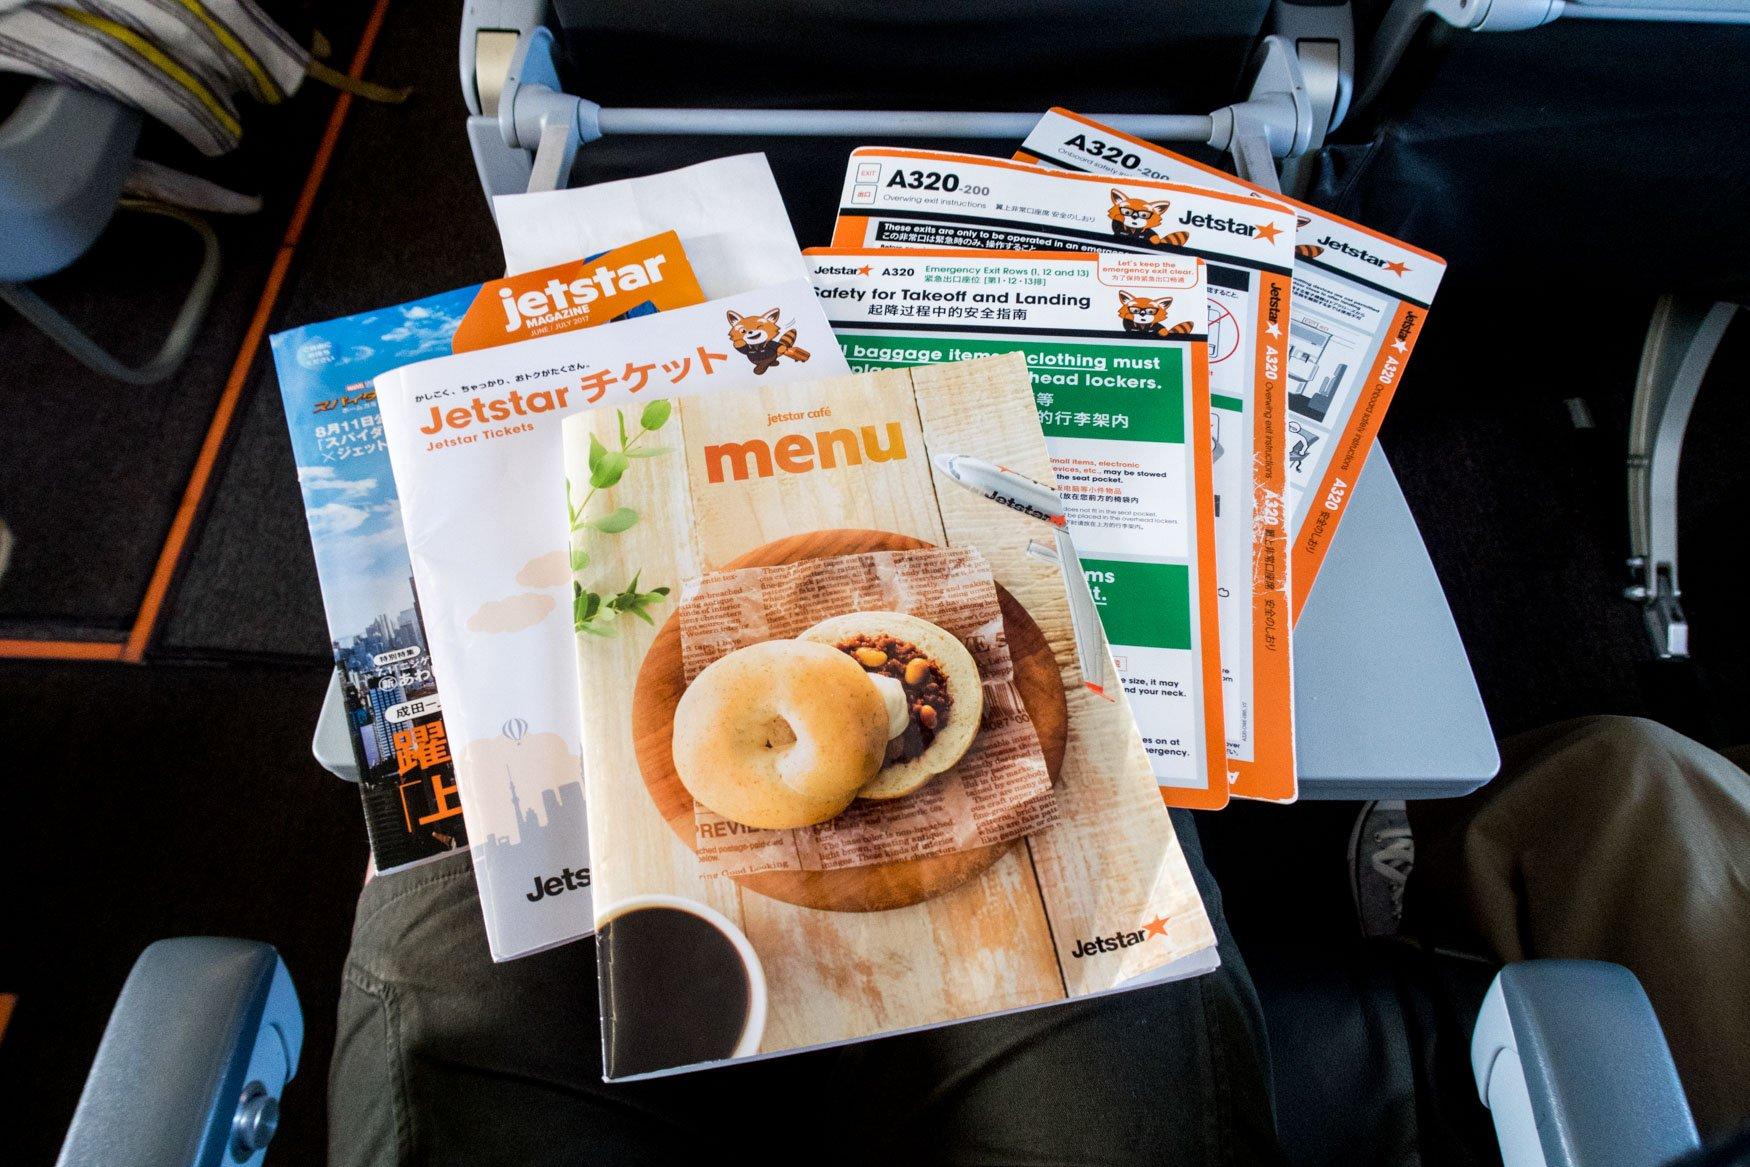 Jetstar In-Flight Magazine